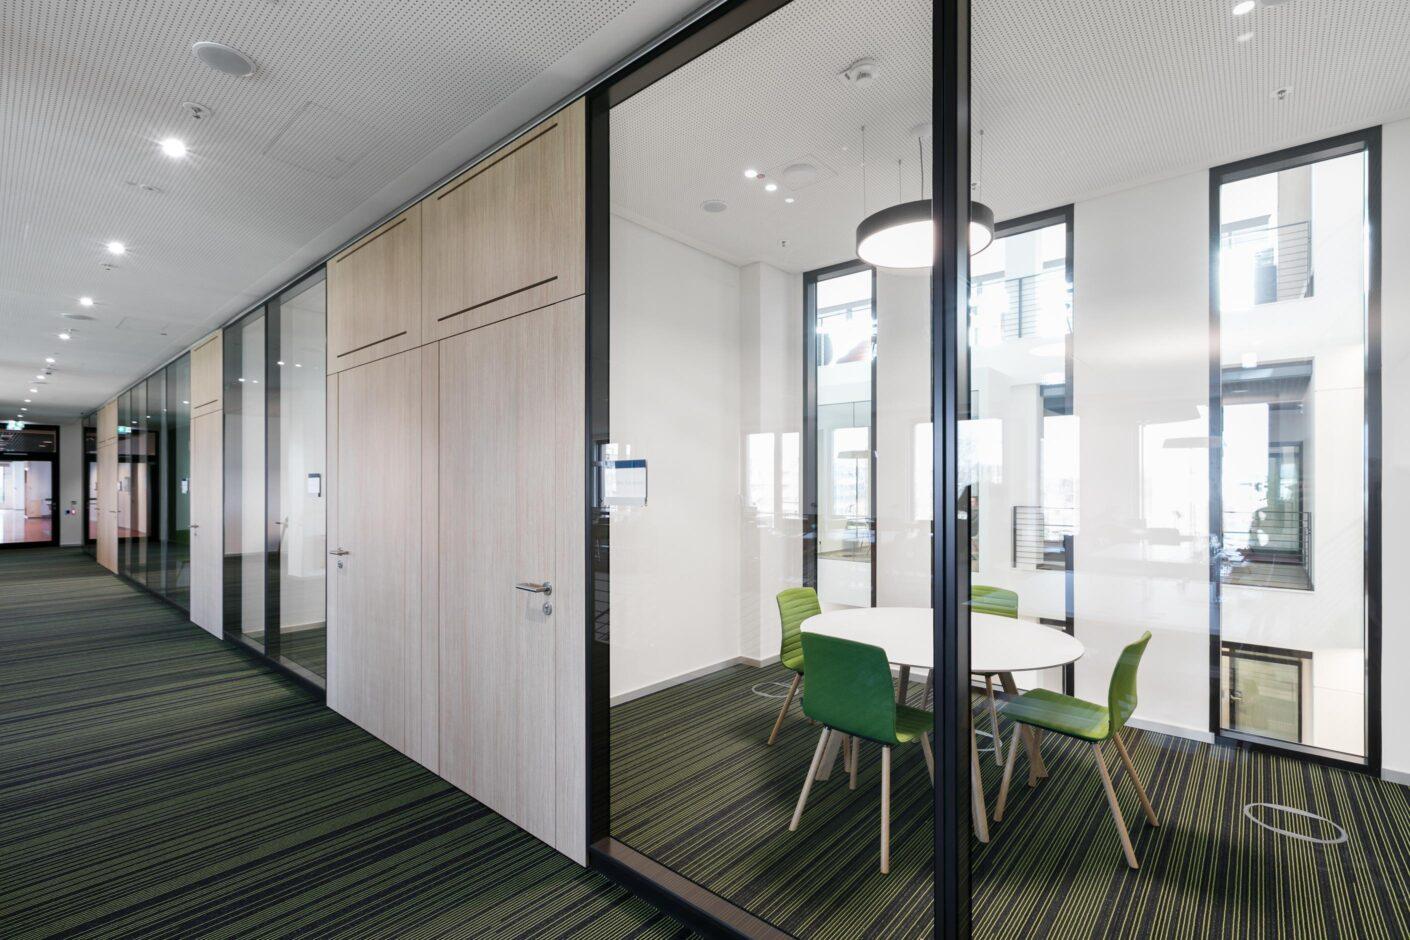 fecofix│feco partitions walls│Frankfurt School of Finance & Management